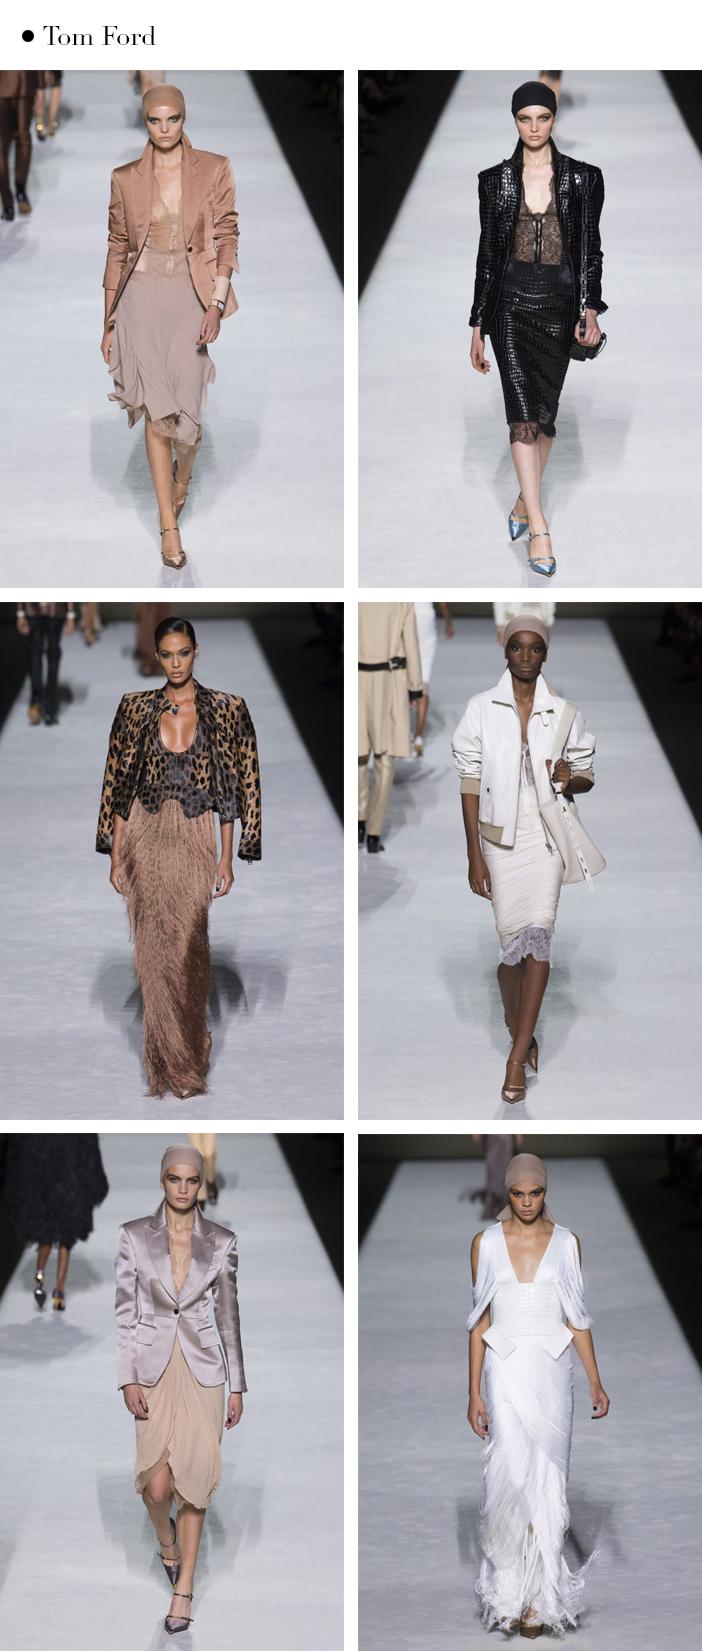 Semana de Moda de New York - Verão 2019 - Tom Ford